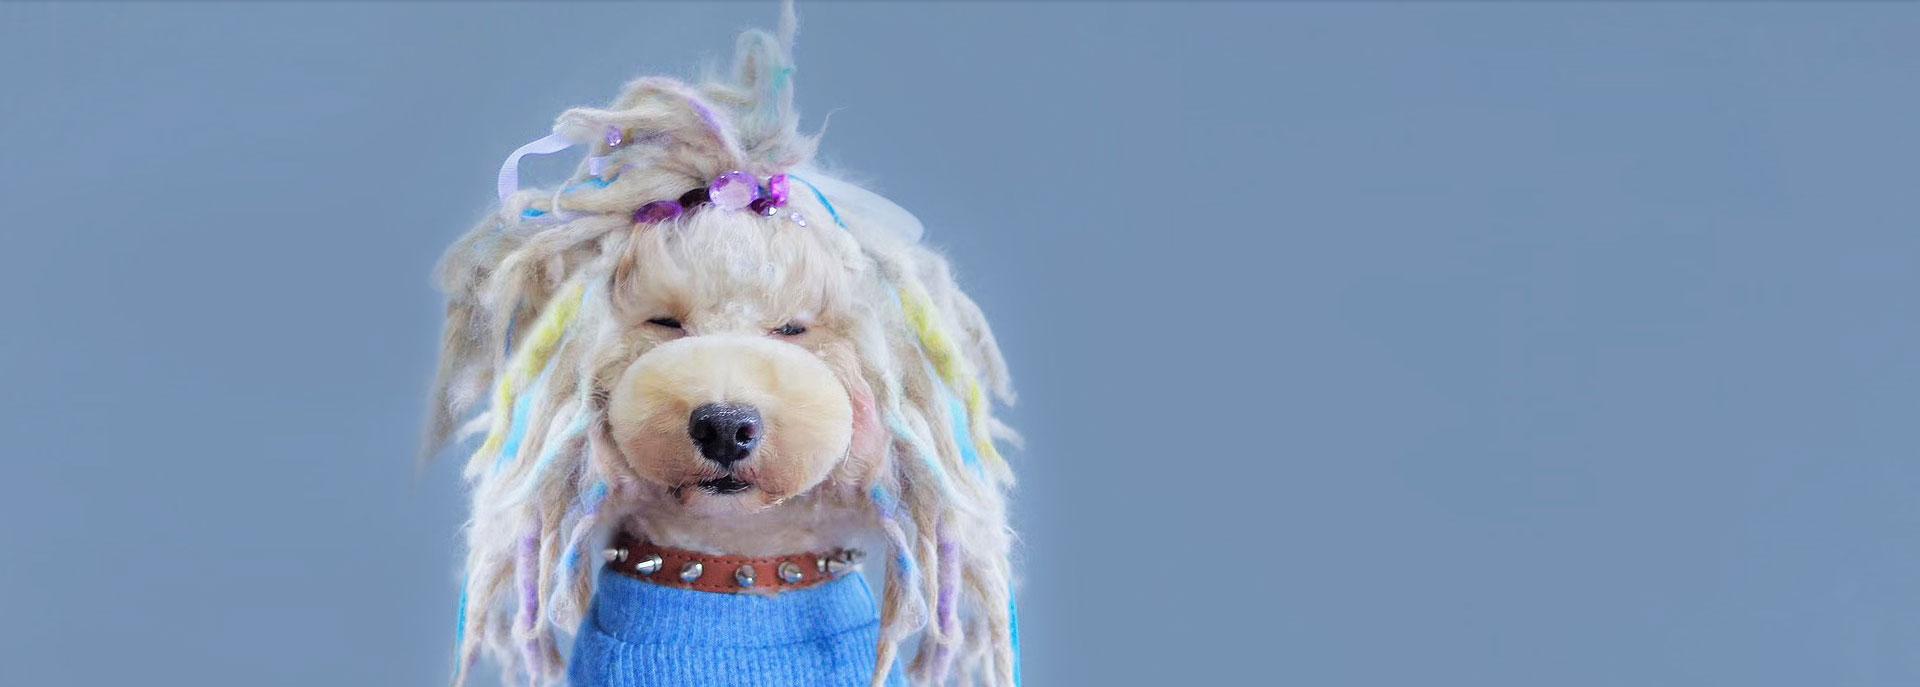 深圳宠物美容培训学校告诉你清理狗狗的方法